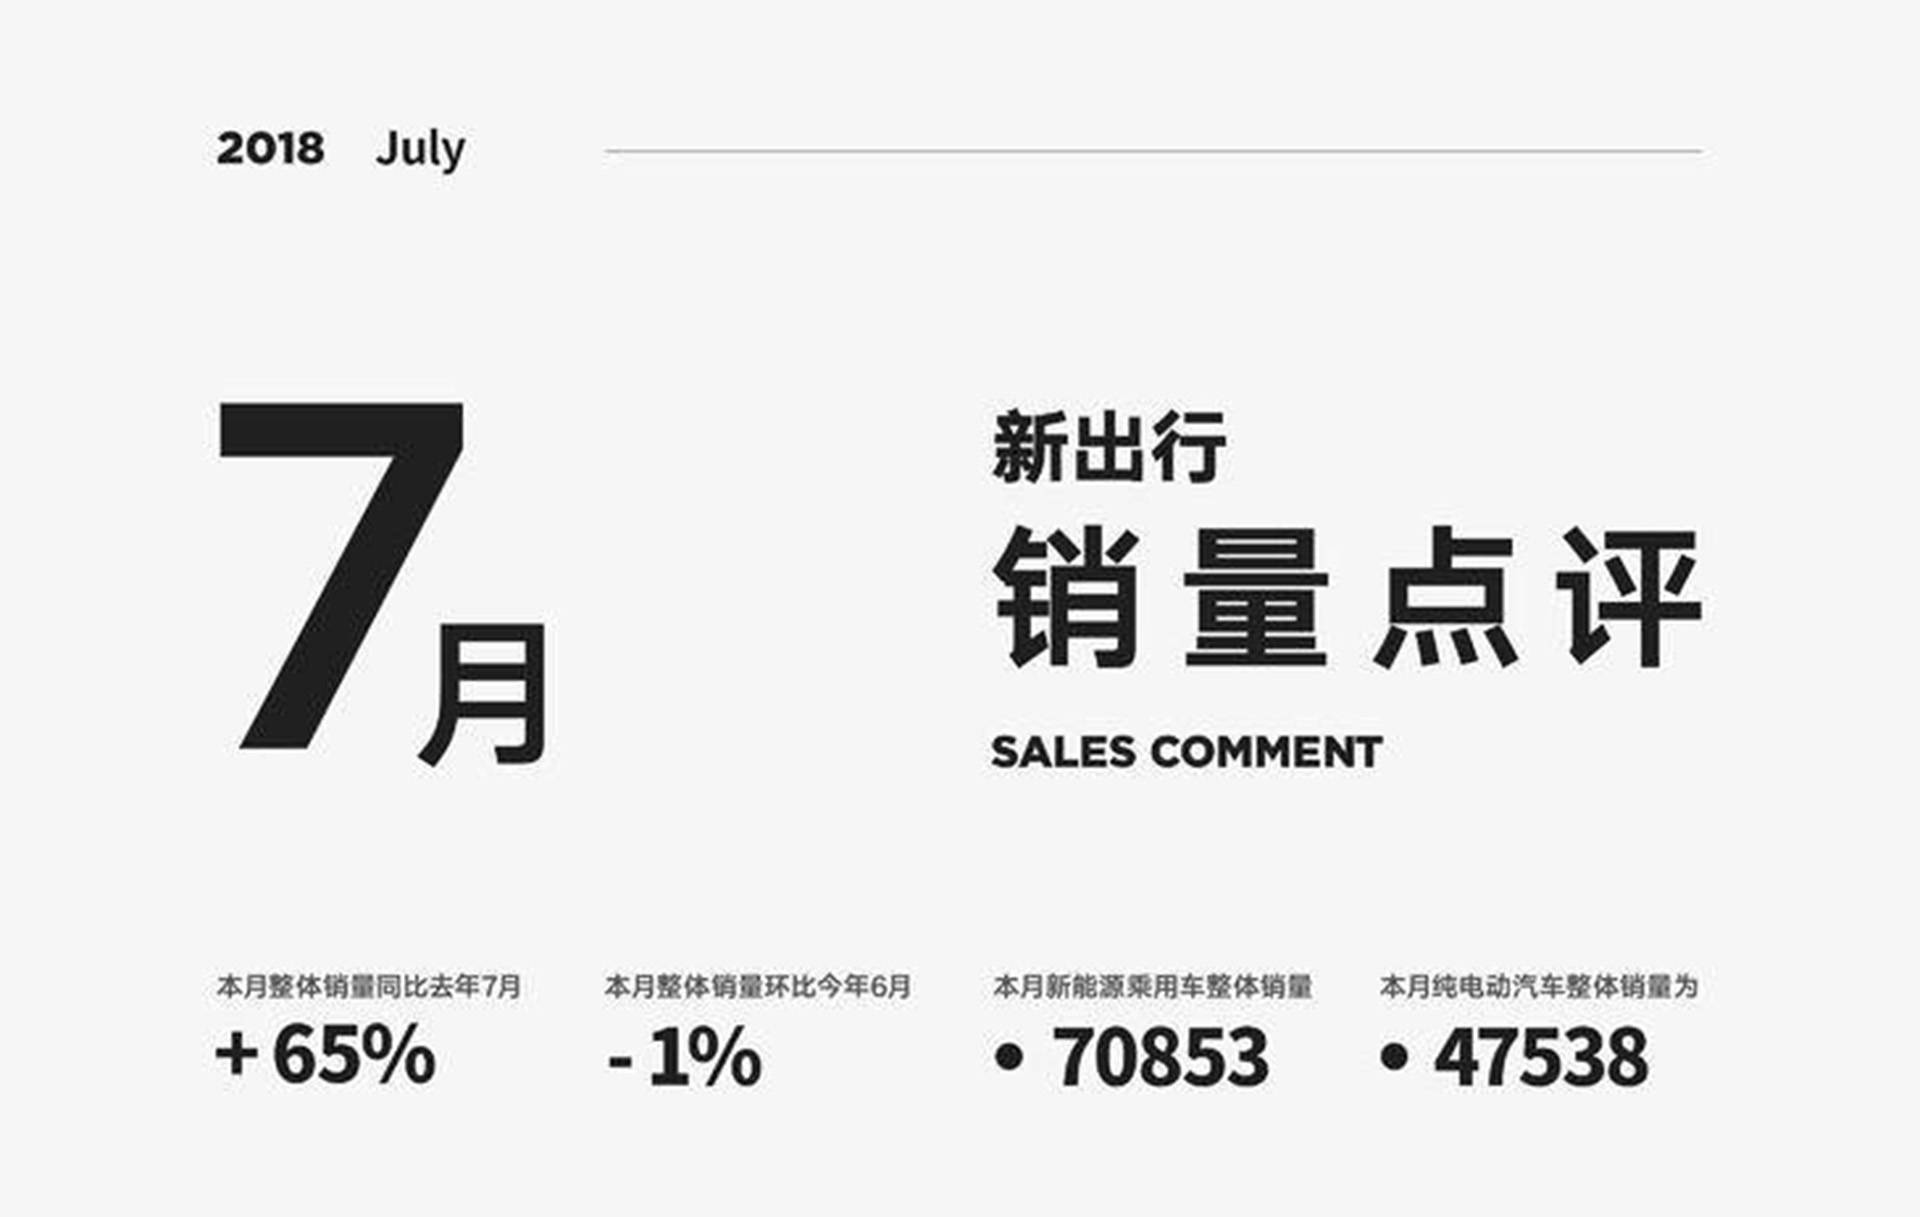 销量点评丨7 月销 7.1 万辆 A 级车回归领军地位